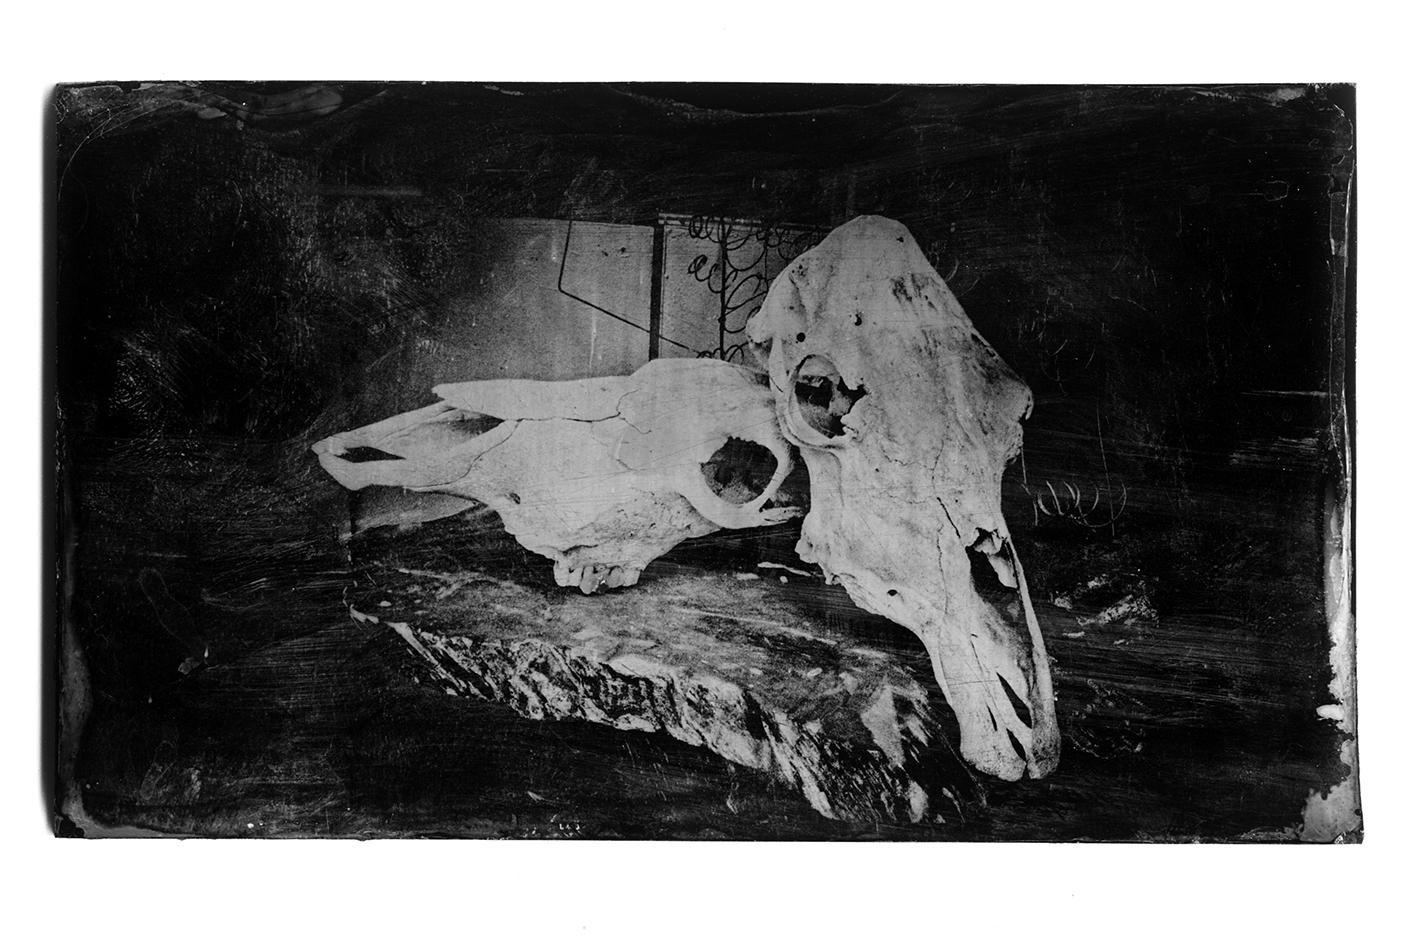 Two_skulls_black_glass.jpg